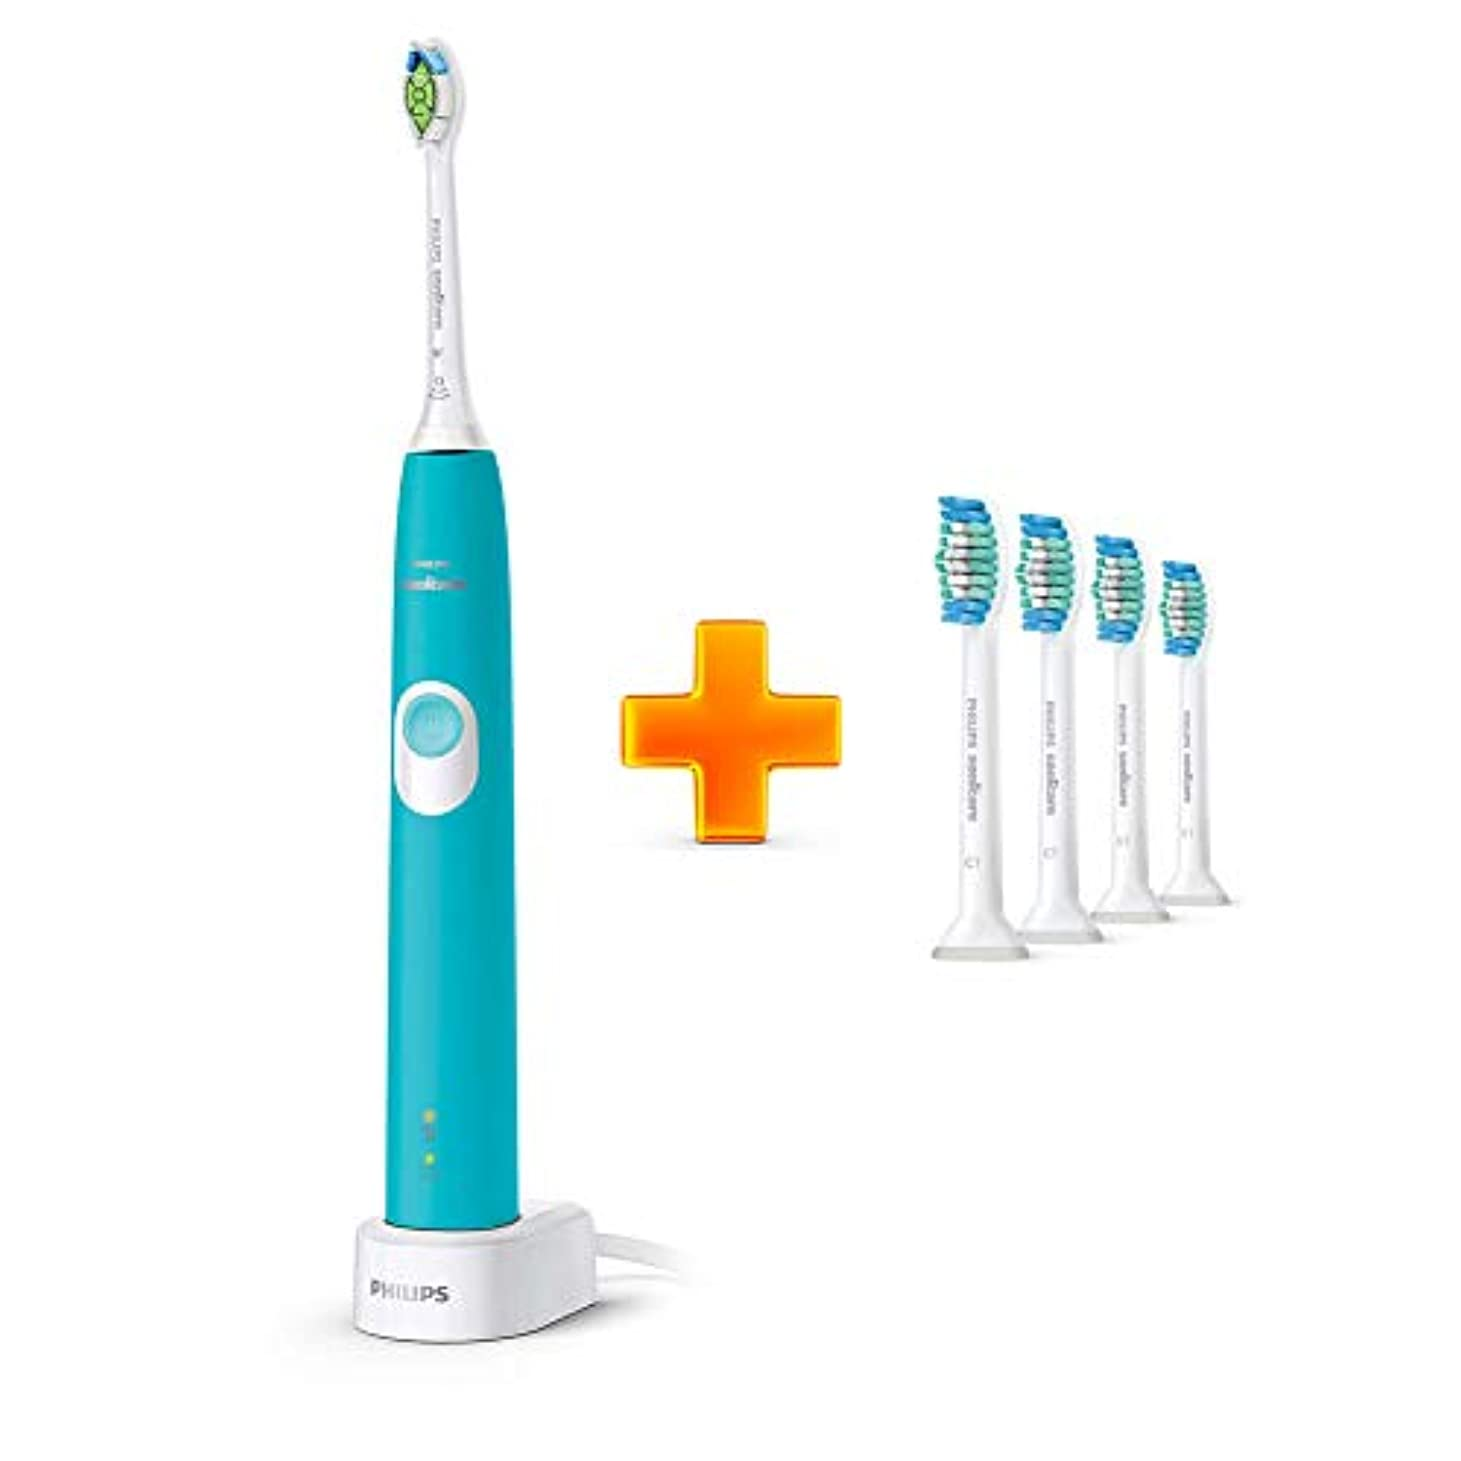 小麦粉文レオナルドダPhilips Sonicare ProtectiveClean 4300 HX6802プラークコントロール、充電式電動歯ブラシTurkey Blue + PRORESULT歯ブラシHX6014 4 PCS [並行輸入品]